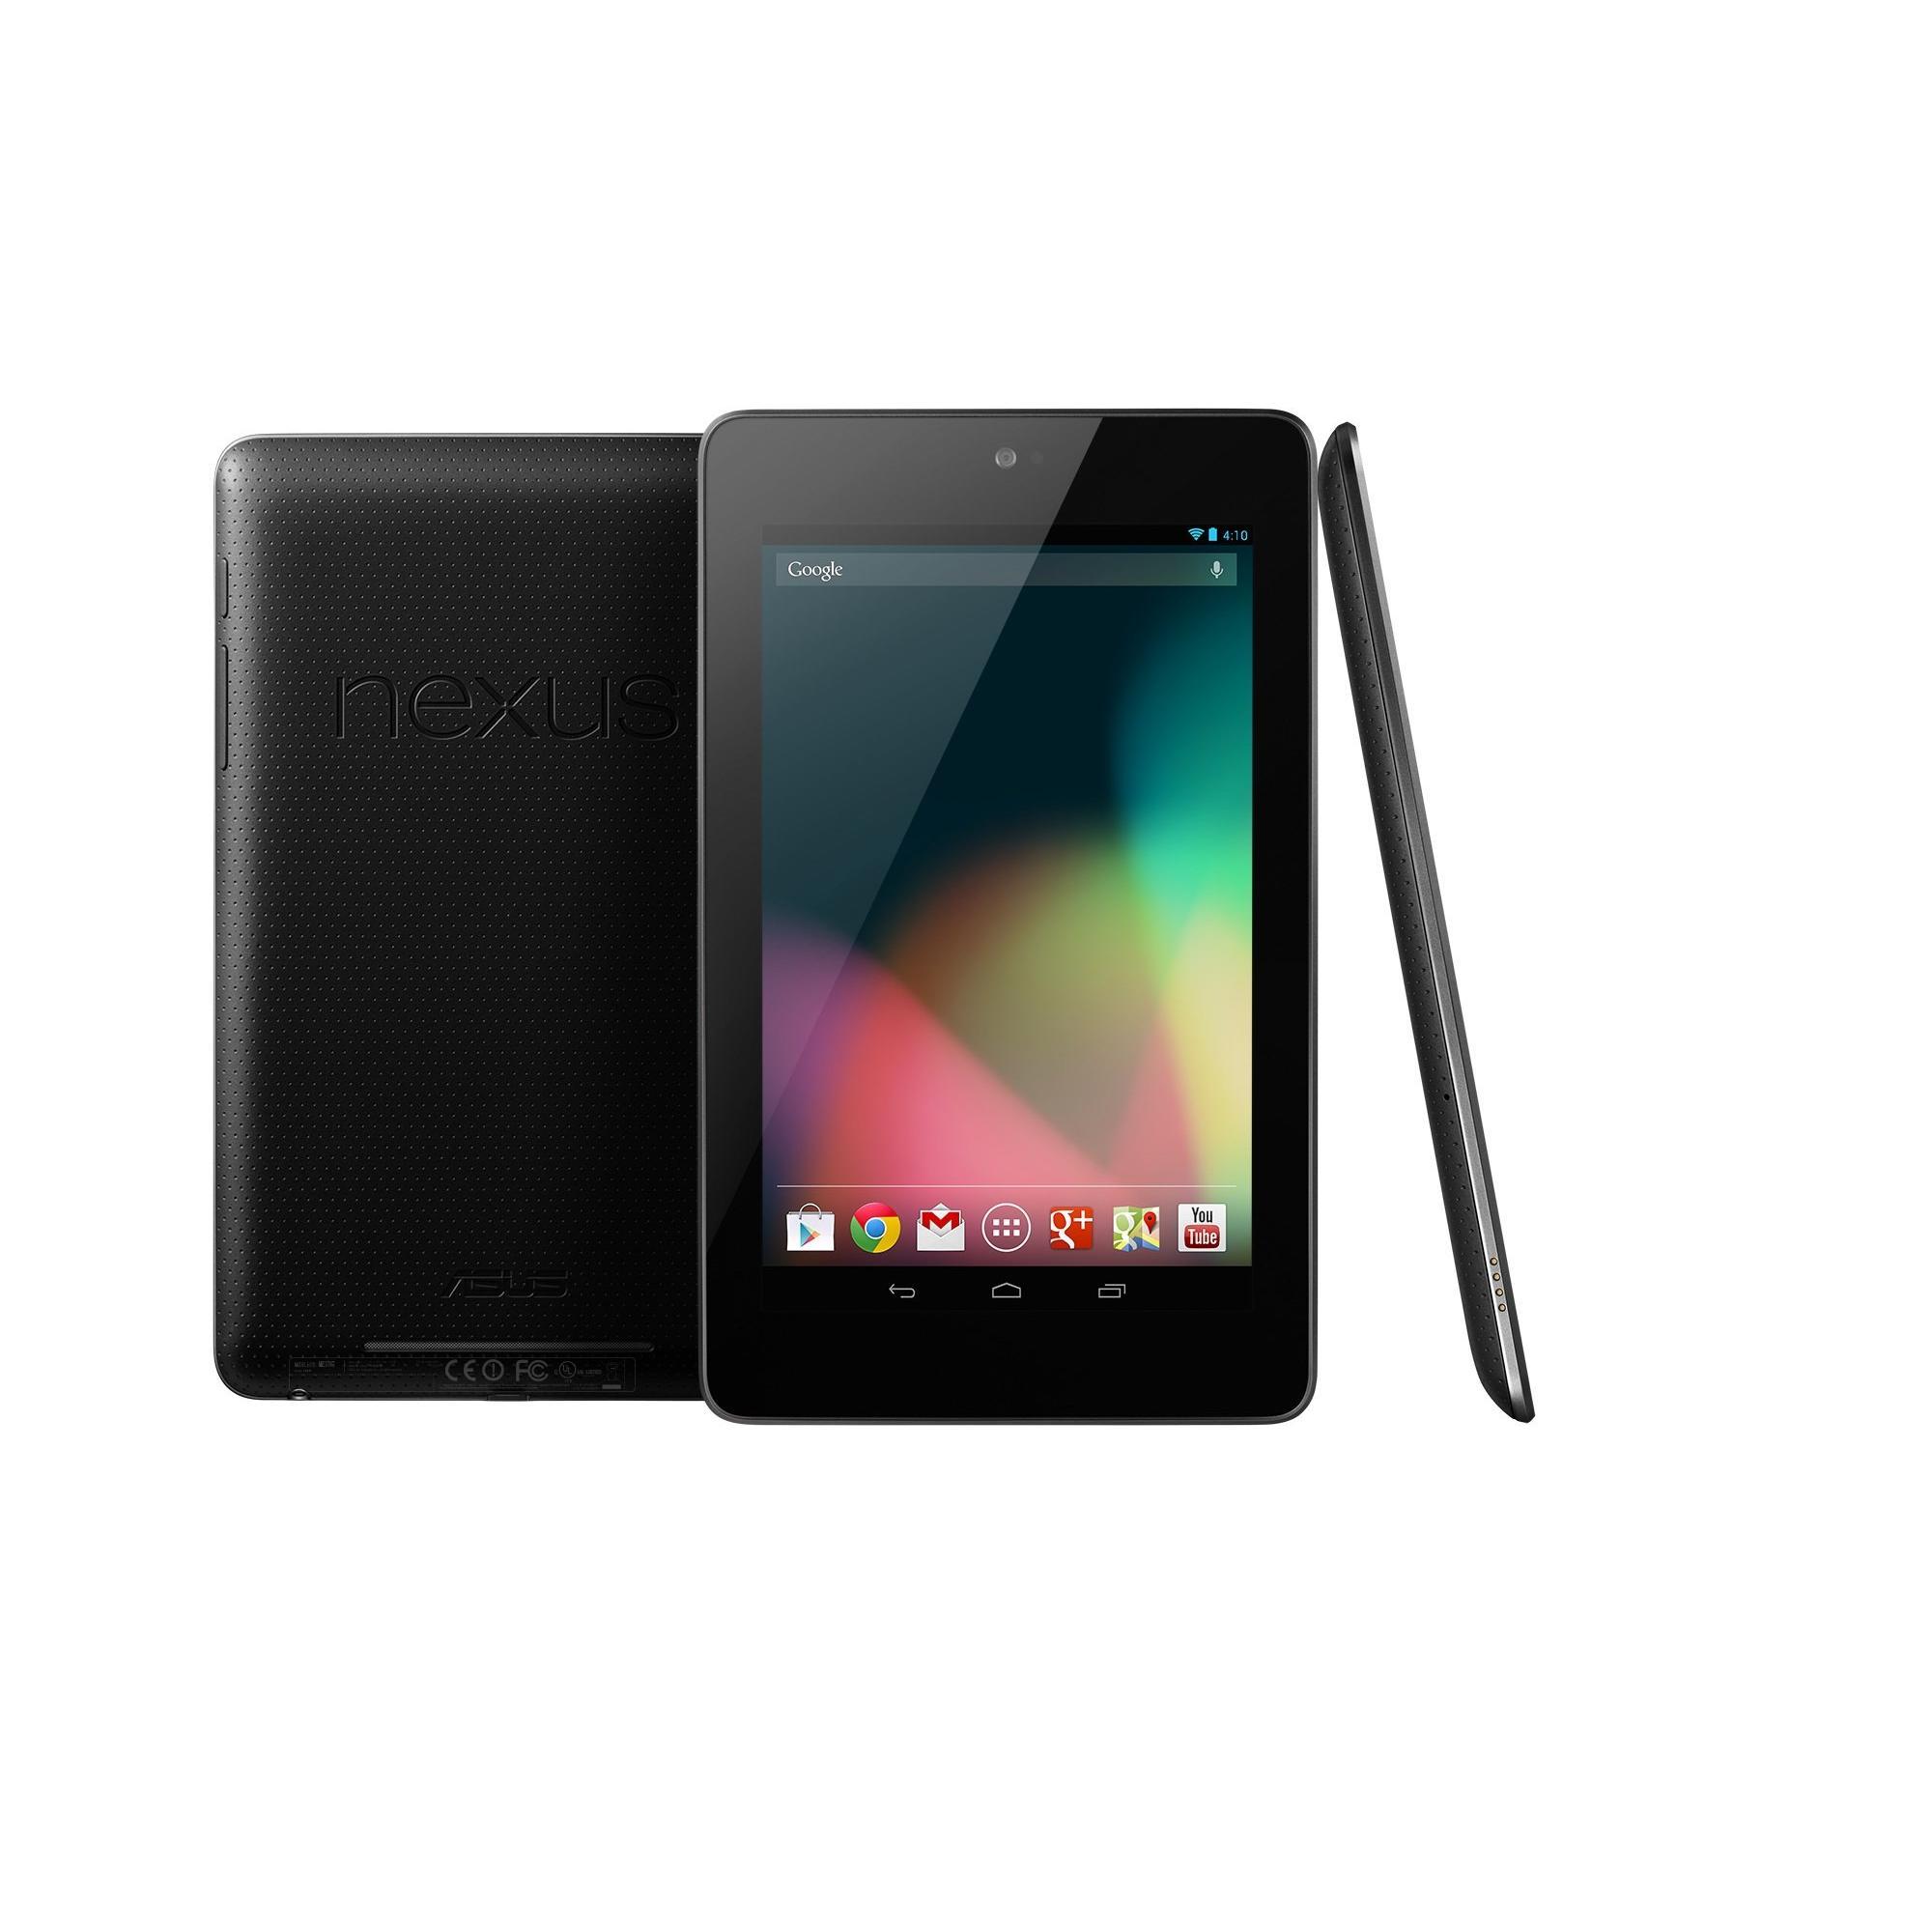 Asus Nexus 7 32 Go - 3G - Noir - Débloqué